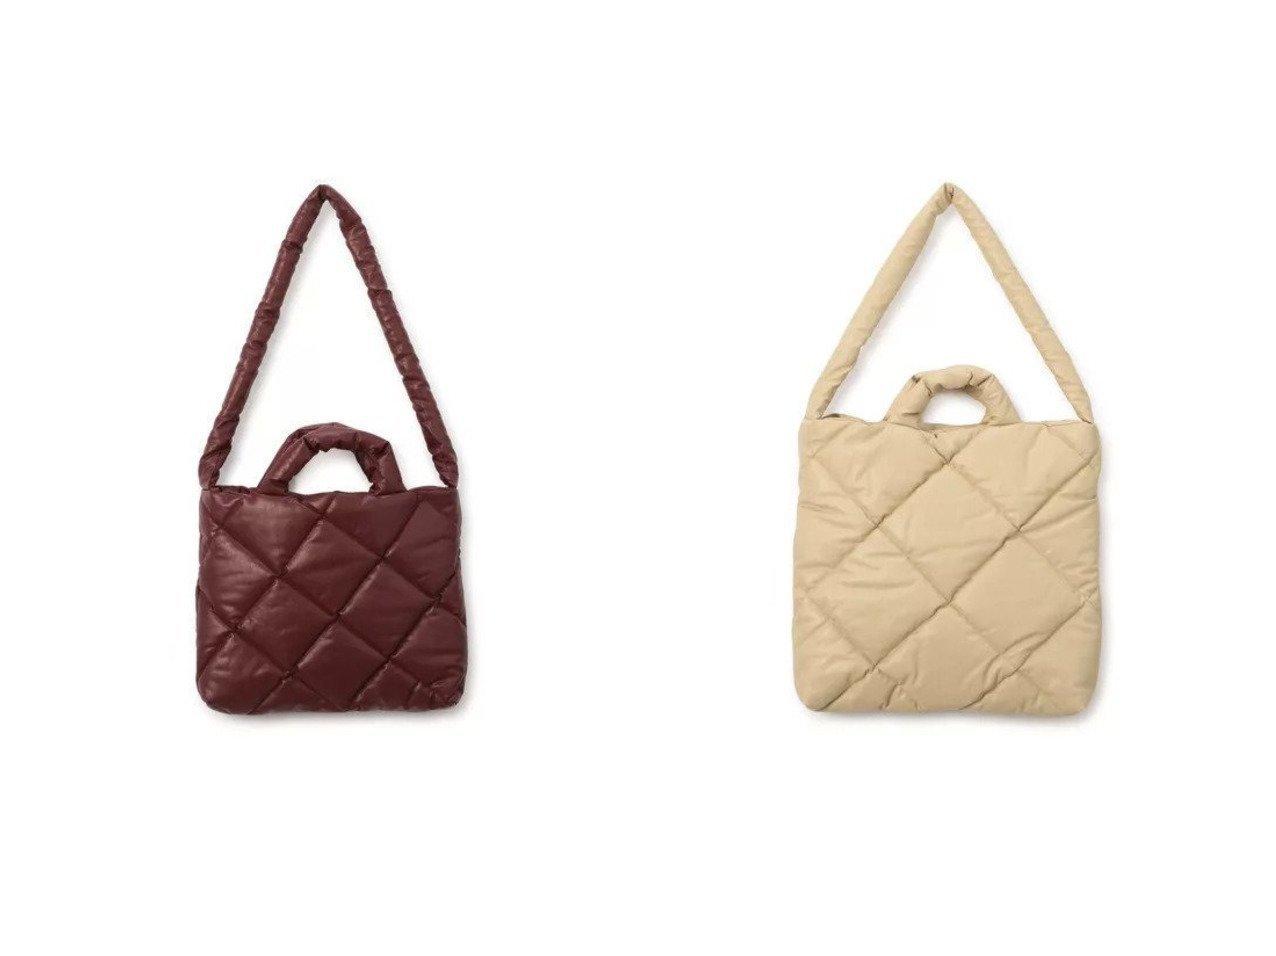 【KASSL EDITIONS/カッスル エディションズ】のBAG PILLOW SMALL QUILTED&BAG PILLOW MEDIUM QUILTED 【バッグ・鞄】おすすめ!人気、トレンド・レディースファッションの通販 おすすめで人気の流行・トレンド、ファッションの通販商品 メンズファッション・キッズファッション・インテリア・家具・レディースファッション・服の通販 founy(ファニー) https://founy.com/ ファッション Fashion レディースファッション WOMEN バッグ Bag 2021年 2021 2021春夏・S/S SS/Spring/Summer/2021 S/S・春夏 SS・Spring/Summer オイル キルティング キルト クッション コーティング スタイリッシュ フォルム |ID:crp329100000039545